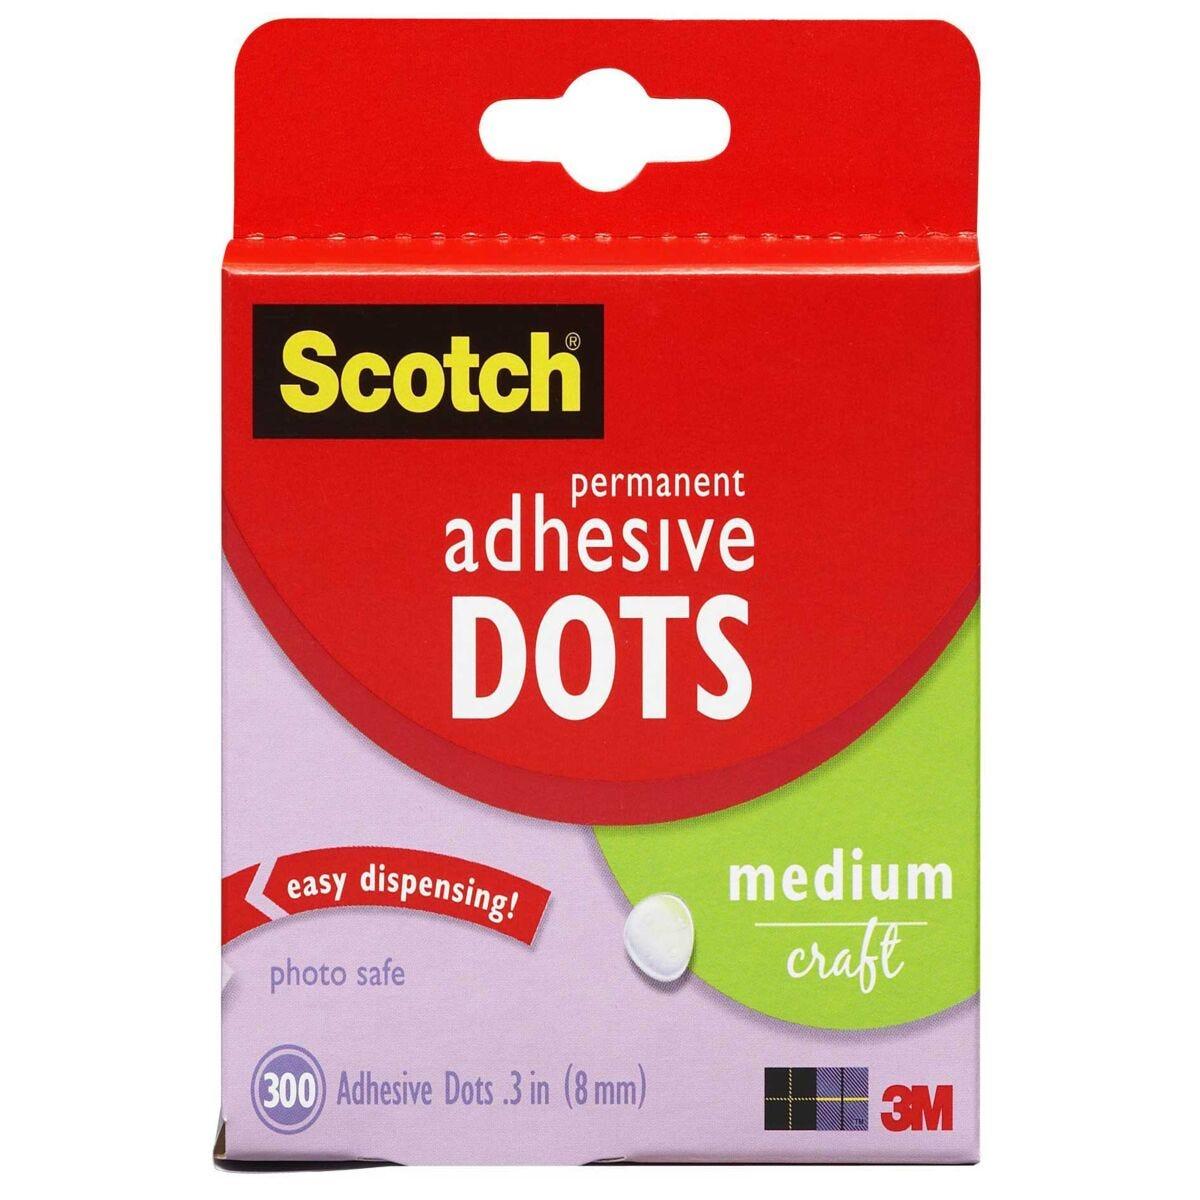 Scotch Adhesive Glue Dots 300 Per Pack (Permanent)